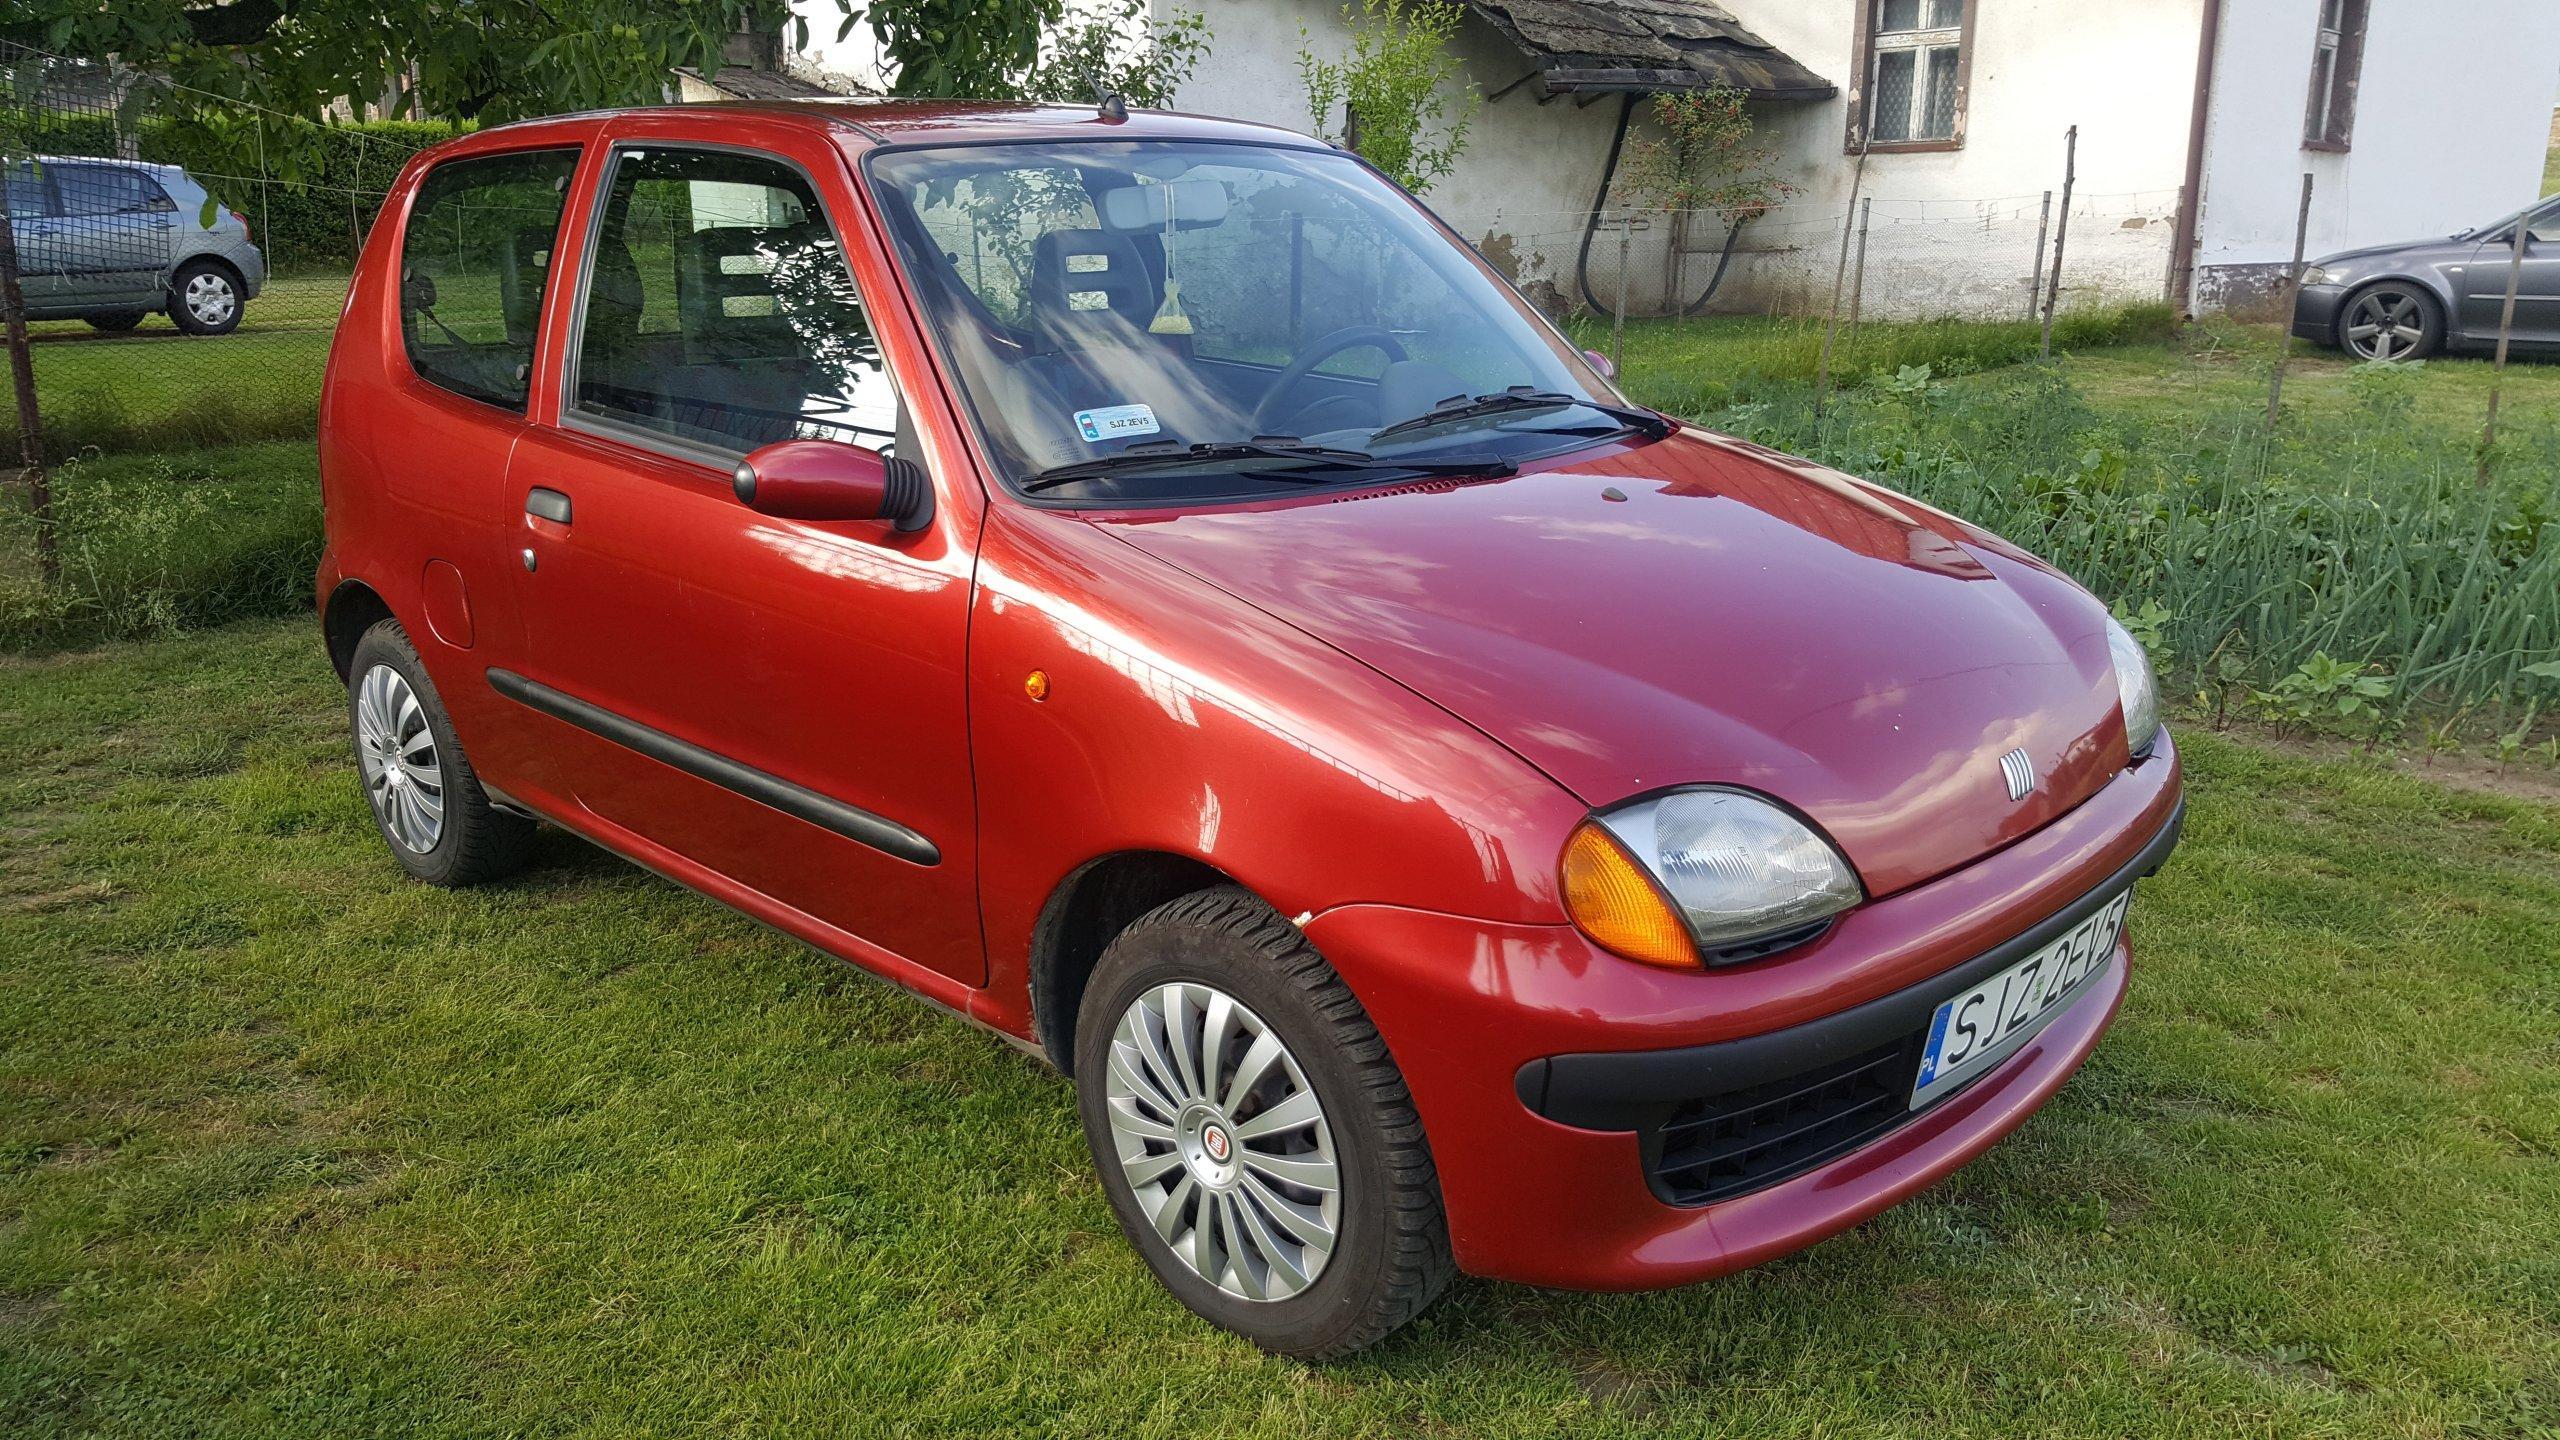 Rewelacyjny Fiat Seicento 900 Elektryczne Szyby Nowe Opony - 7386298210 PV05